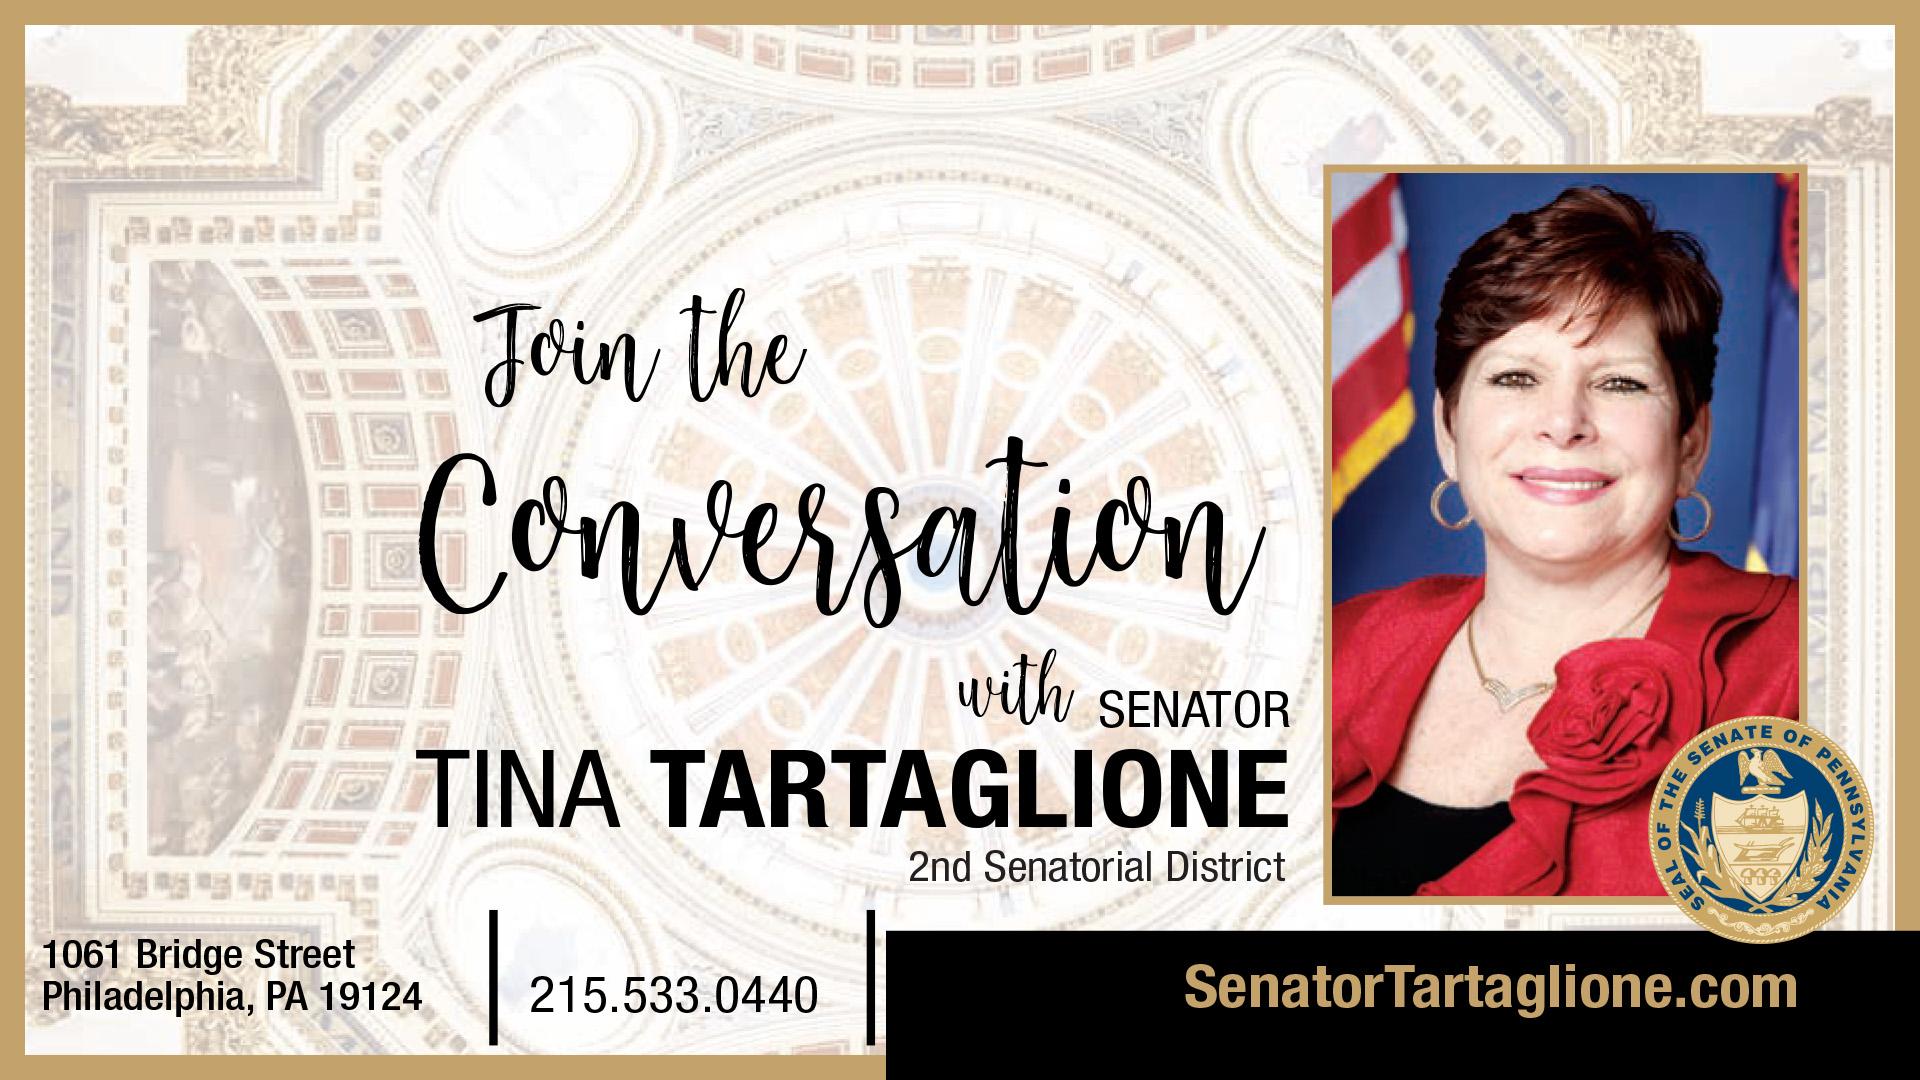 PA State Senator Tina Tartaglione